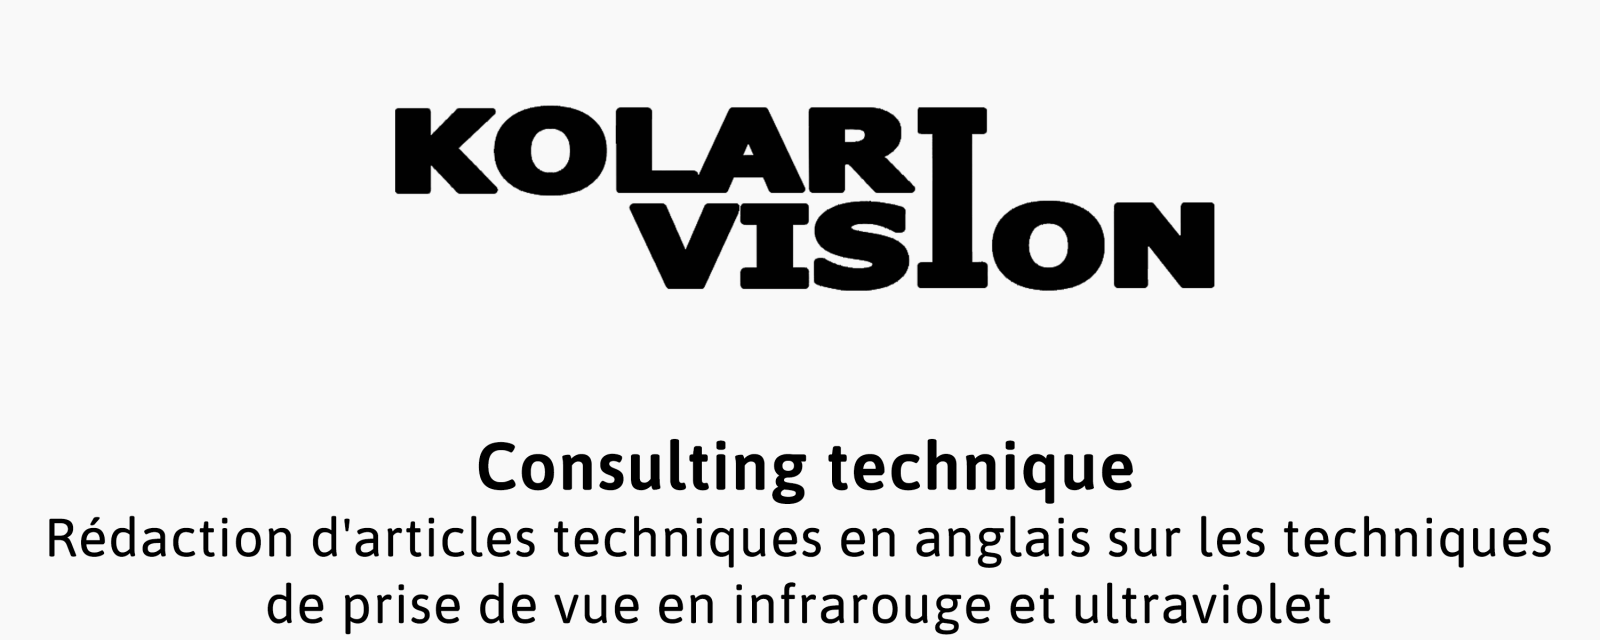 prestation photographie pierre louis ferrer Kolari | Pierre-Louis Ferrer Photographie | Réalisations clients